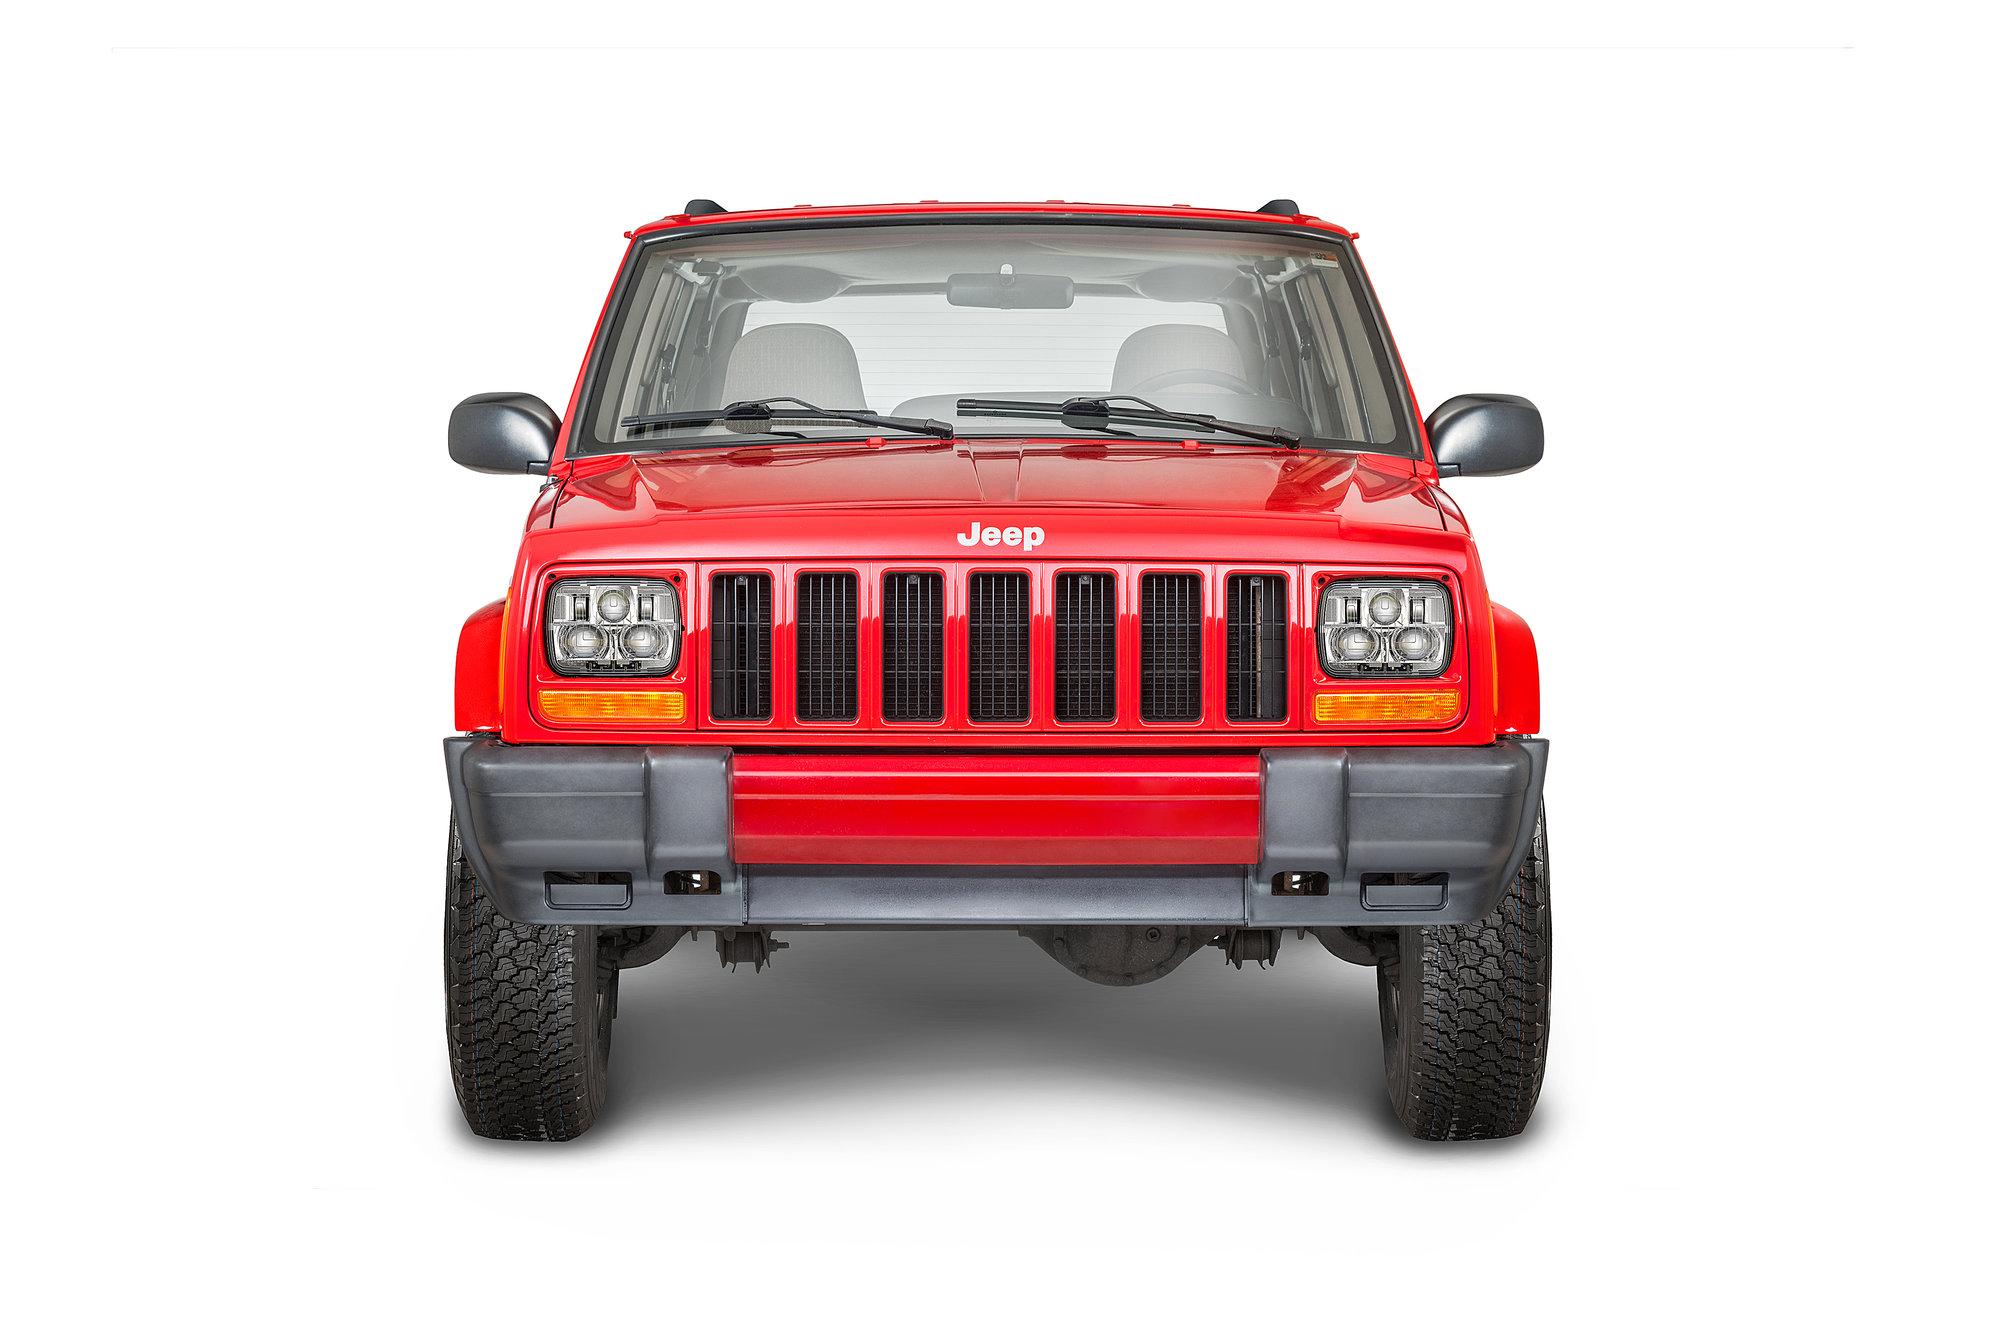 hight resolution of j w speaker 8910 evolution 2 heated led headlight kit for 84 01 jeep wrangler yj